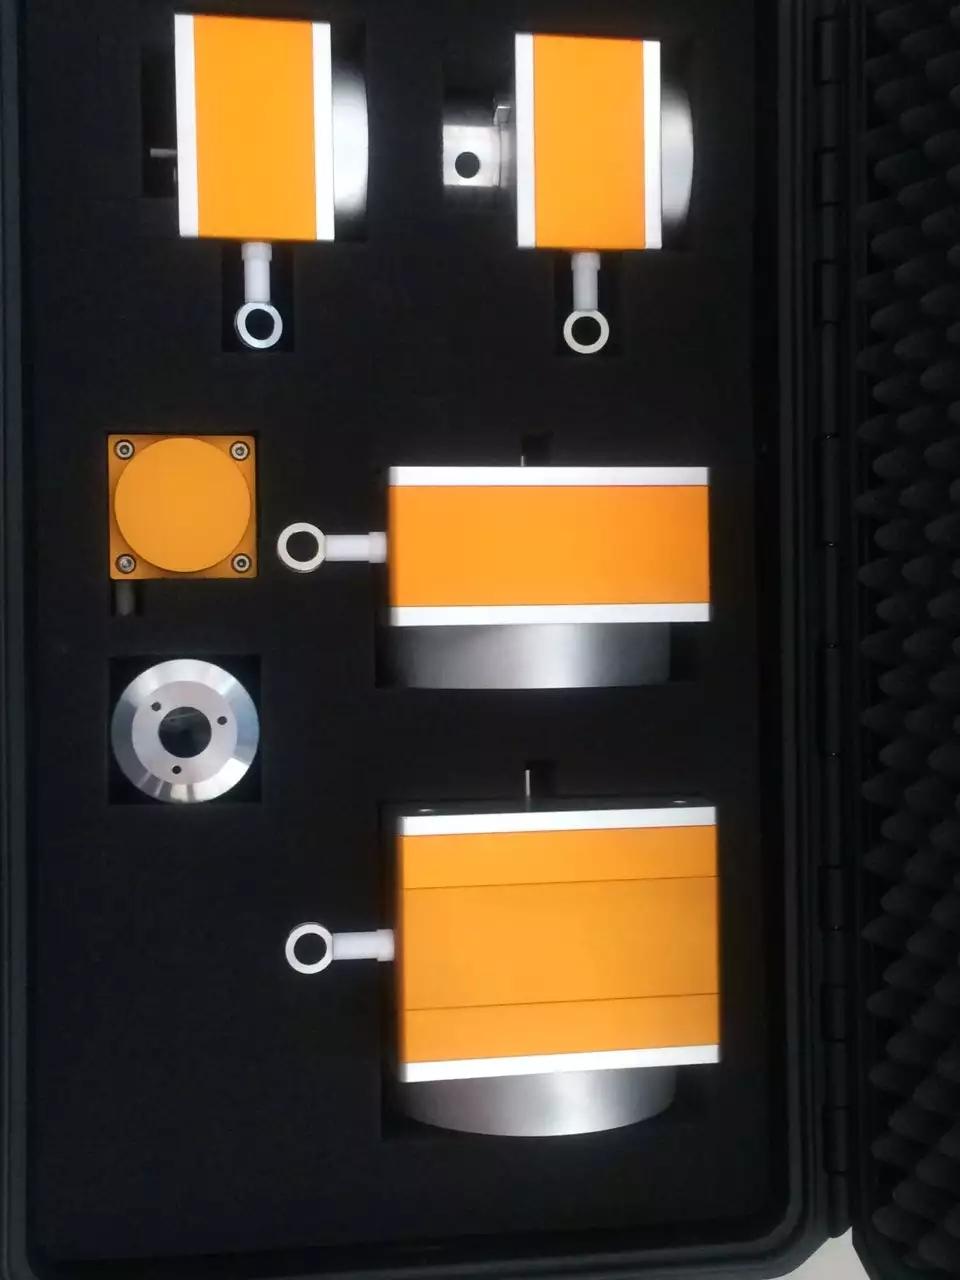 选用位移传感器的重点有哪些?